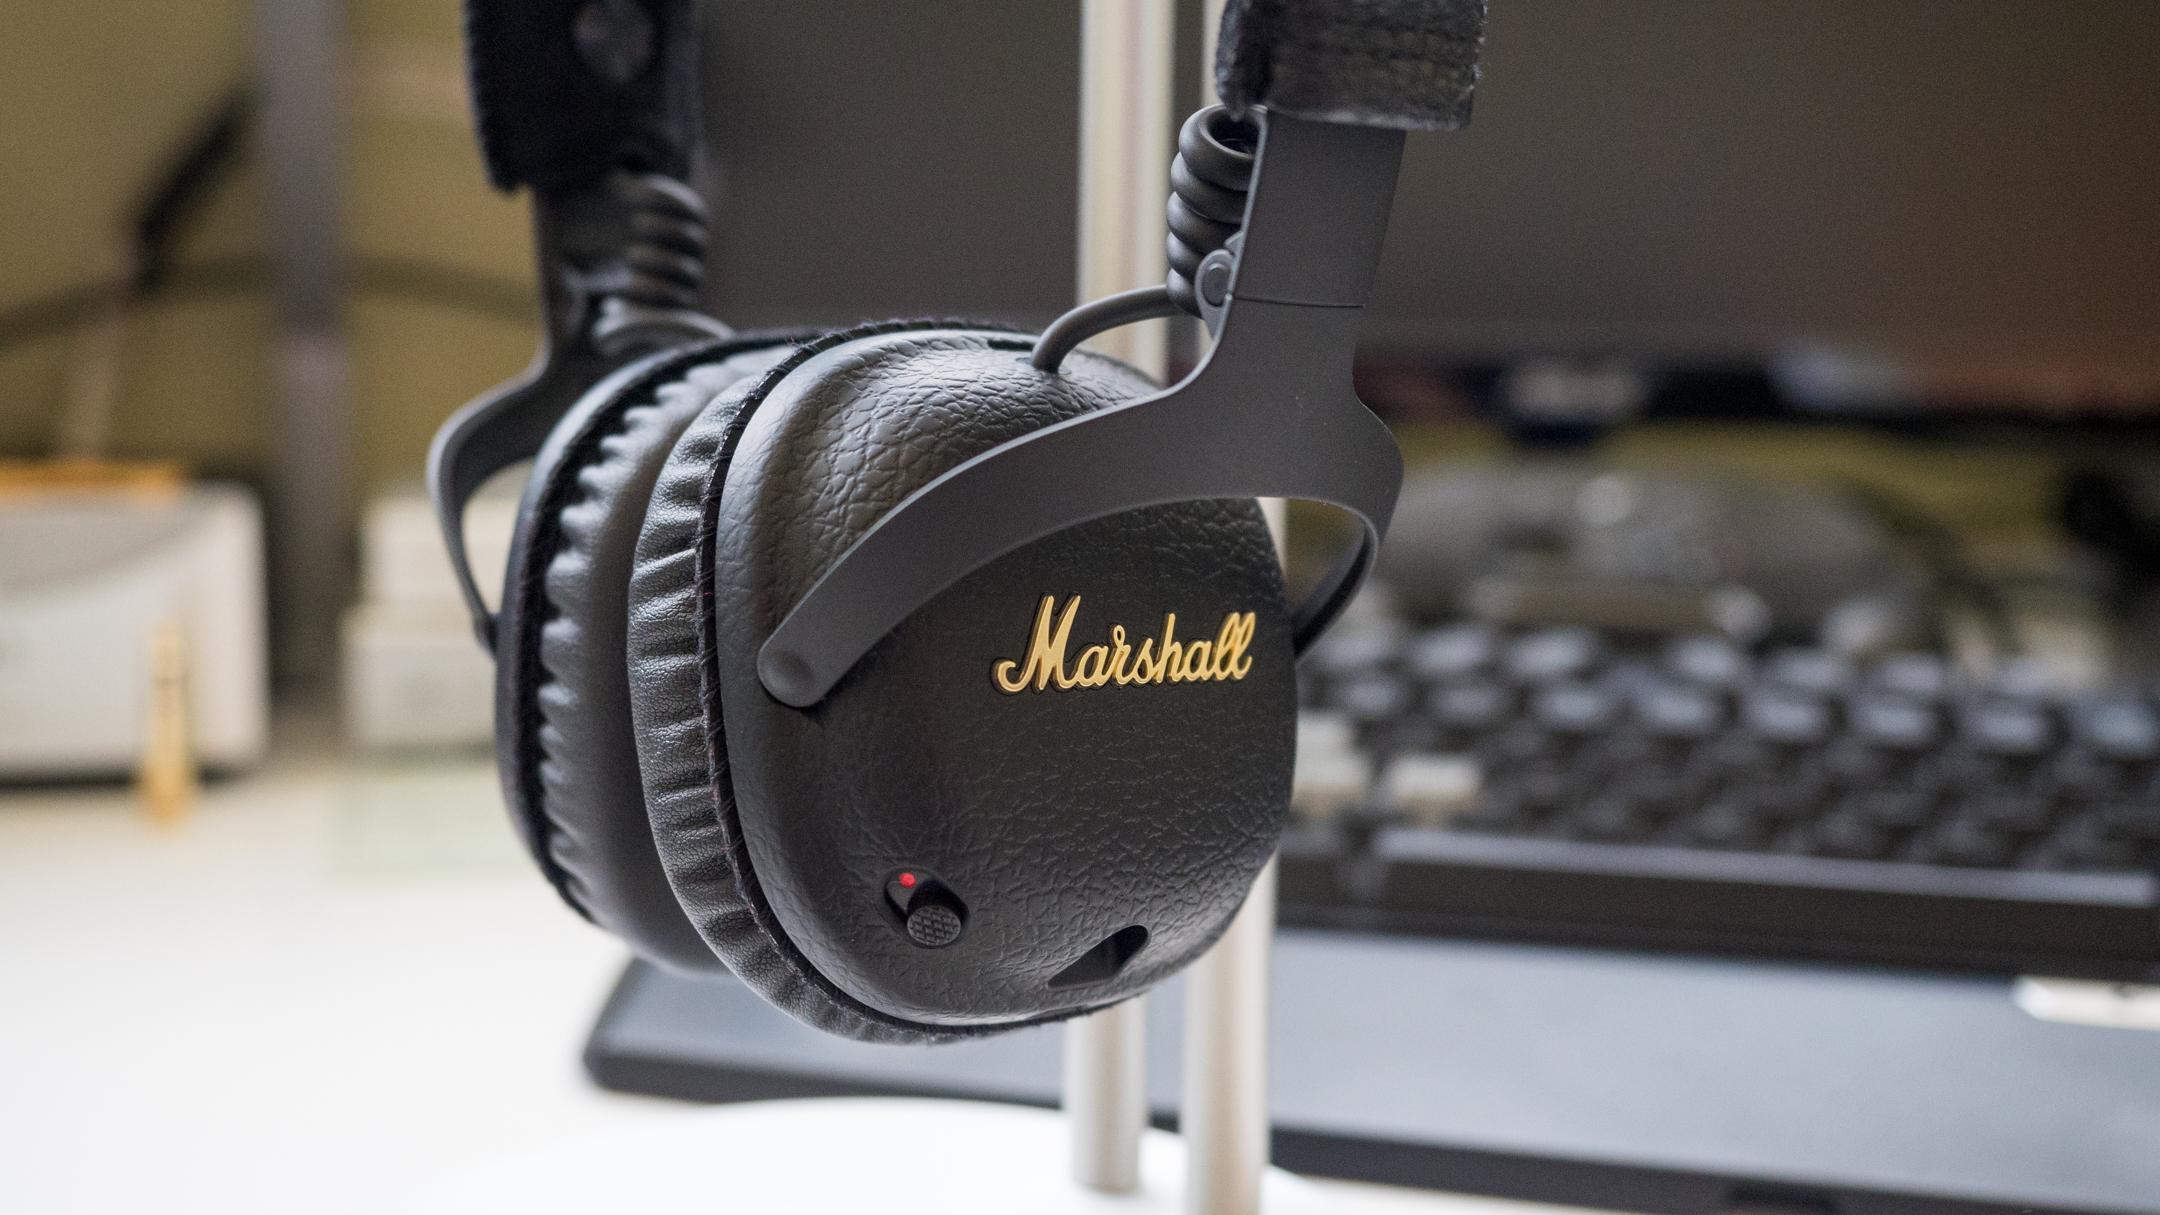 Marshall Hörlurar Rabatt